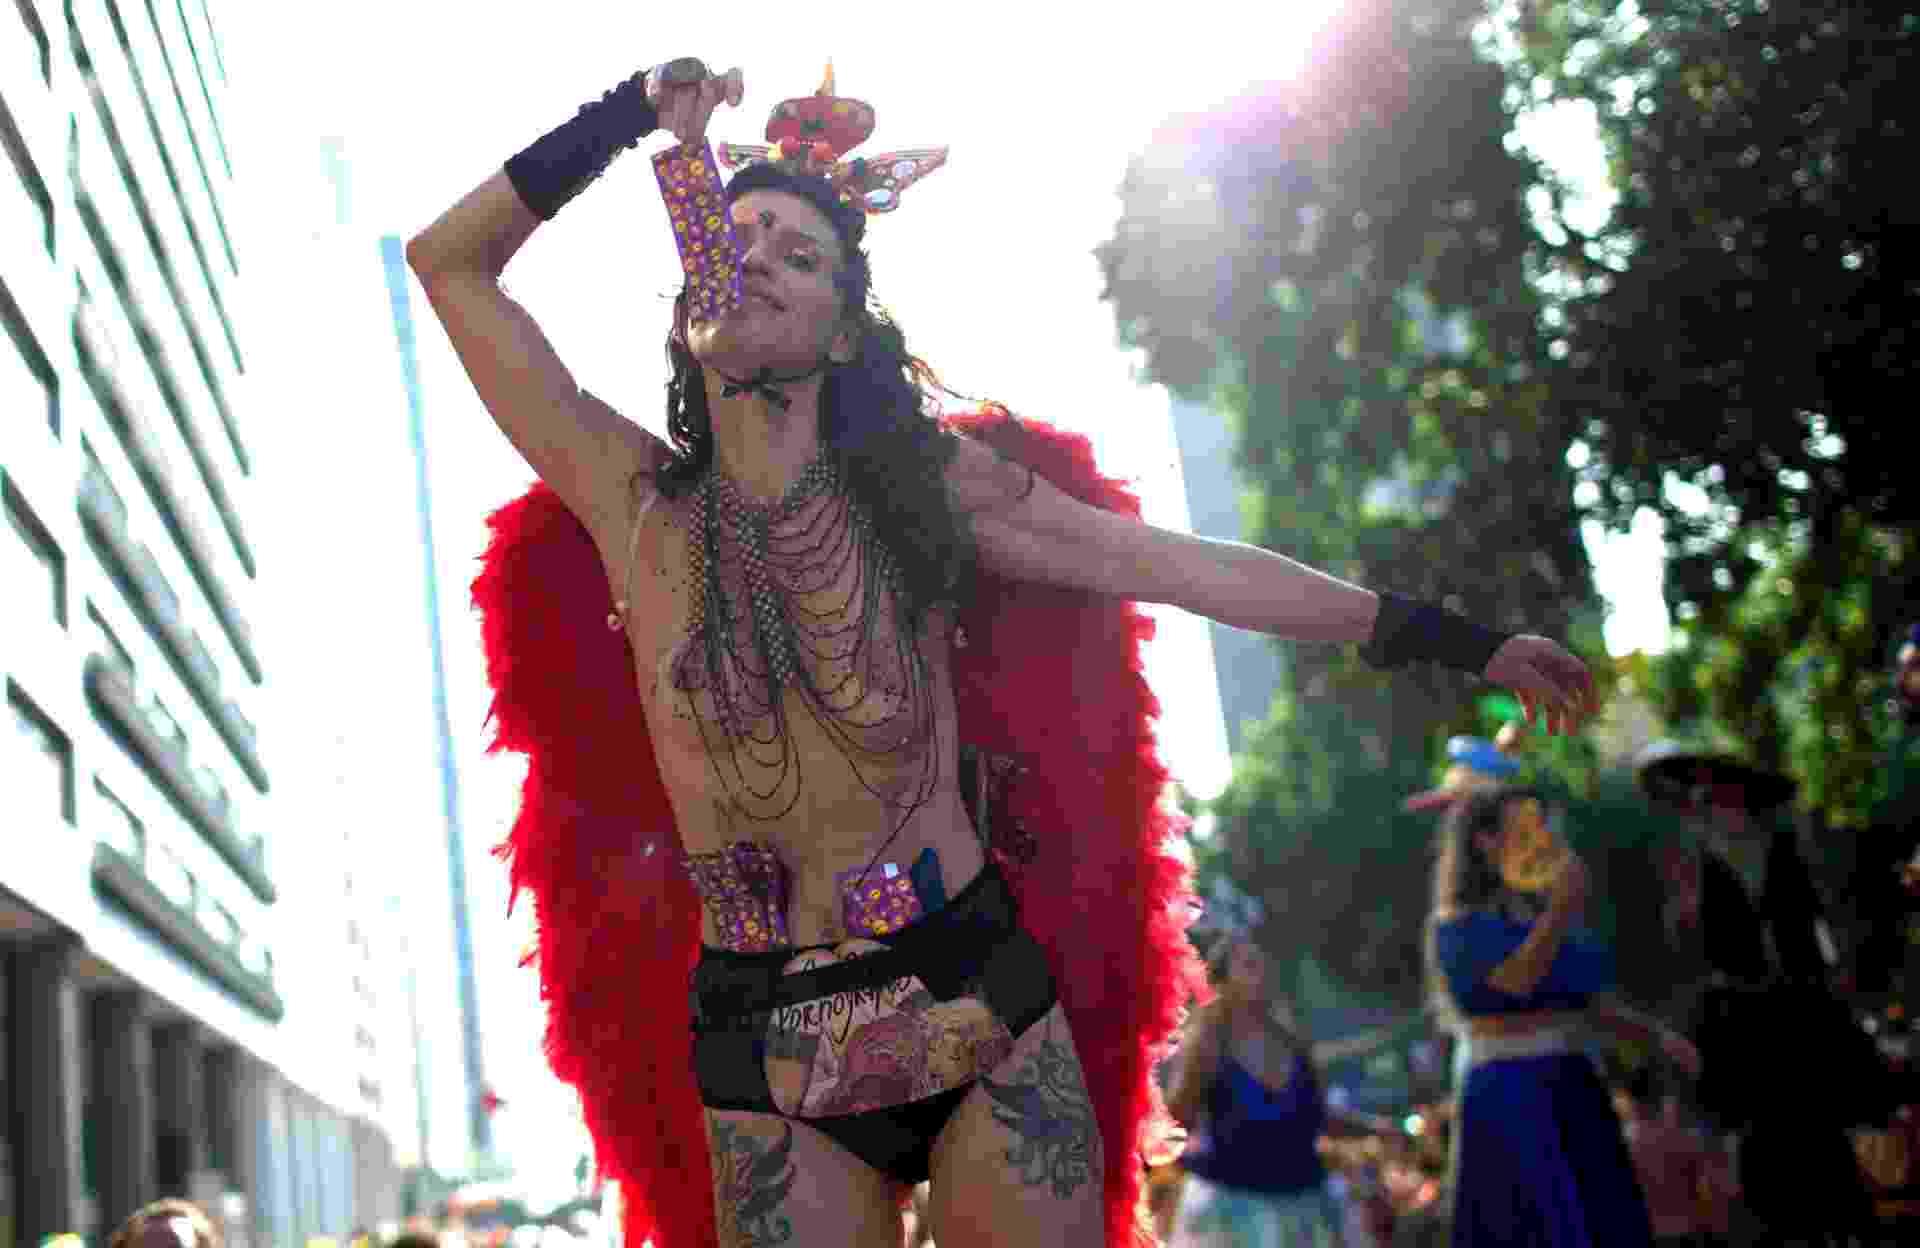 Foliã caprichou no look para sair junto ao Boi Tolo, nas ruas do Rio - Eduardo Anizelli/Folhapress